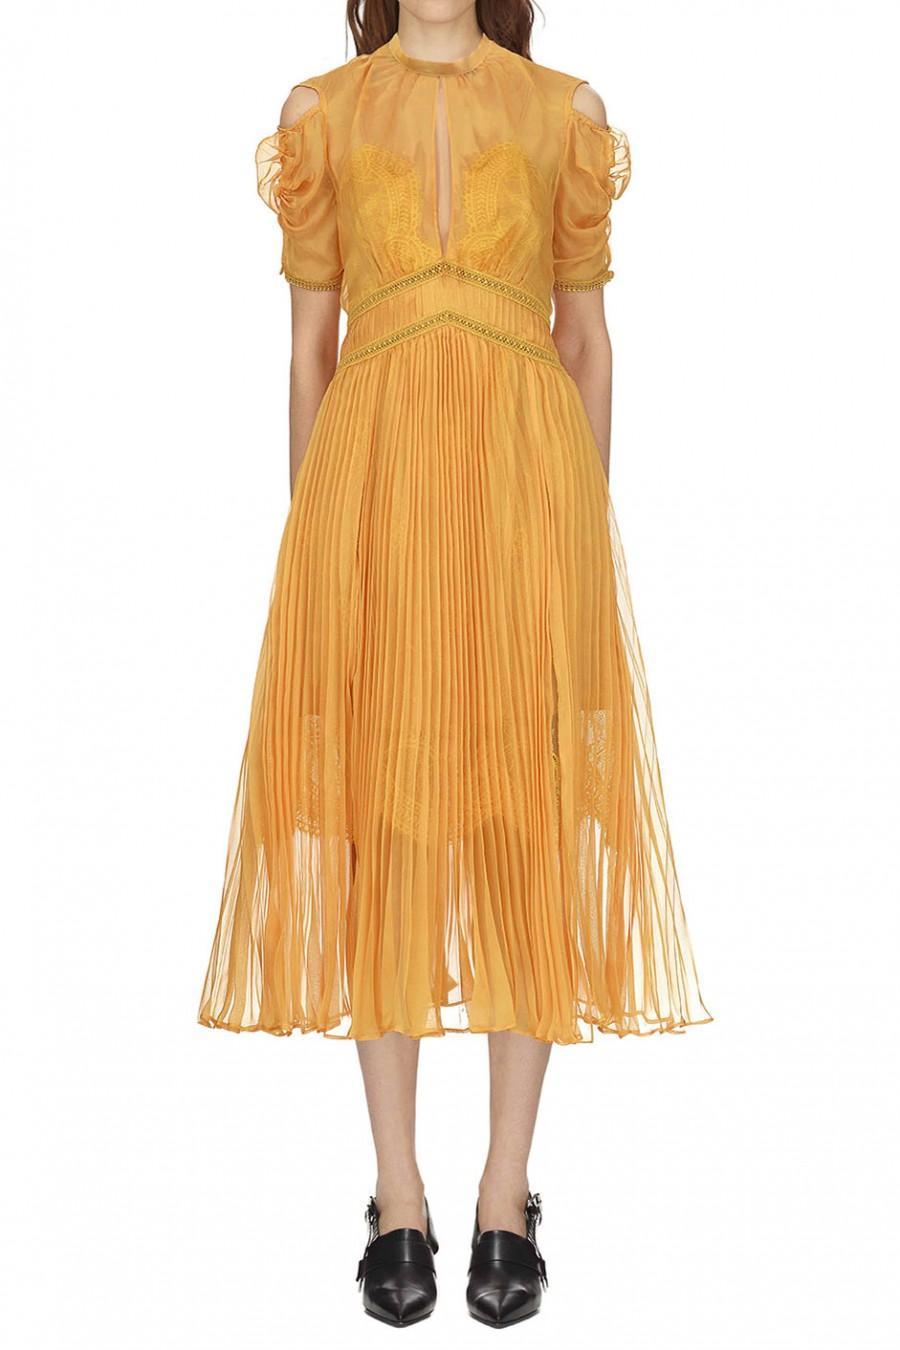 c04d828bbbe3 Self Portrait Mustard Pleated Chiffon Midi Dress #2880965 - Weddbook